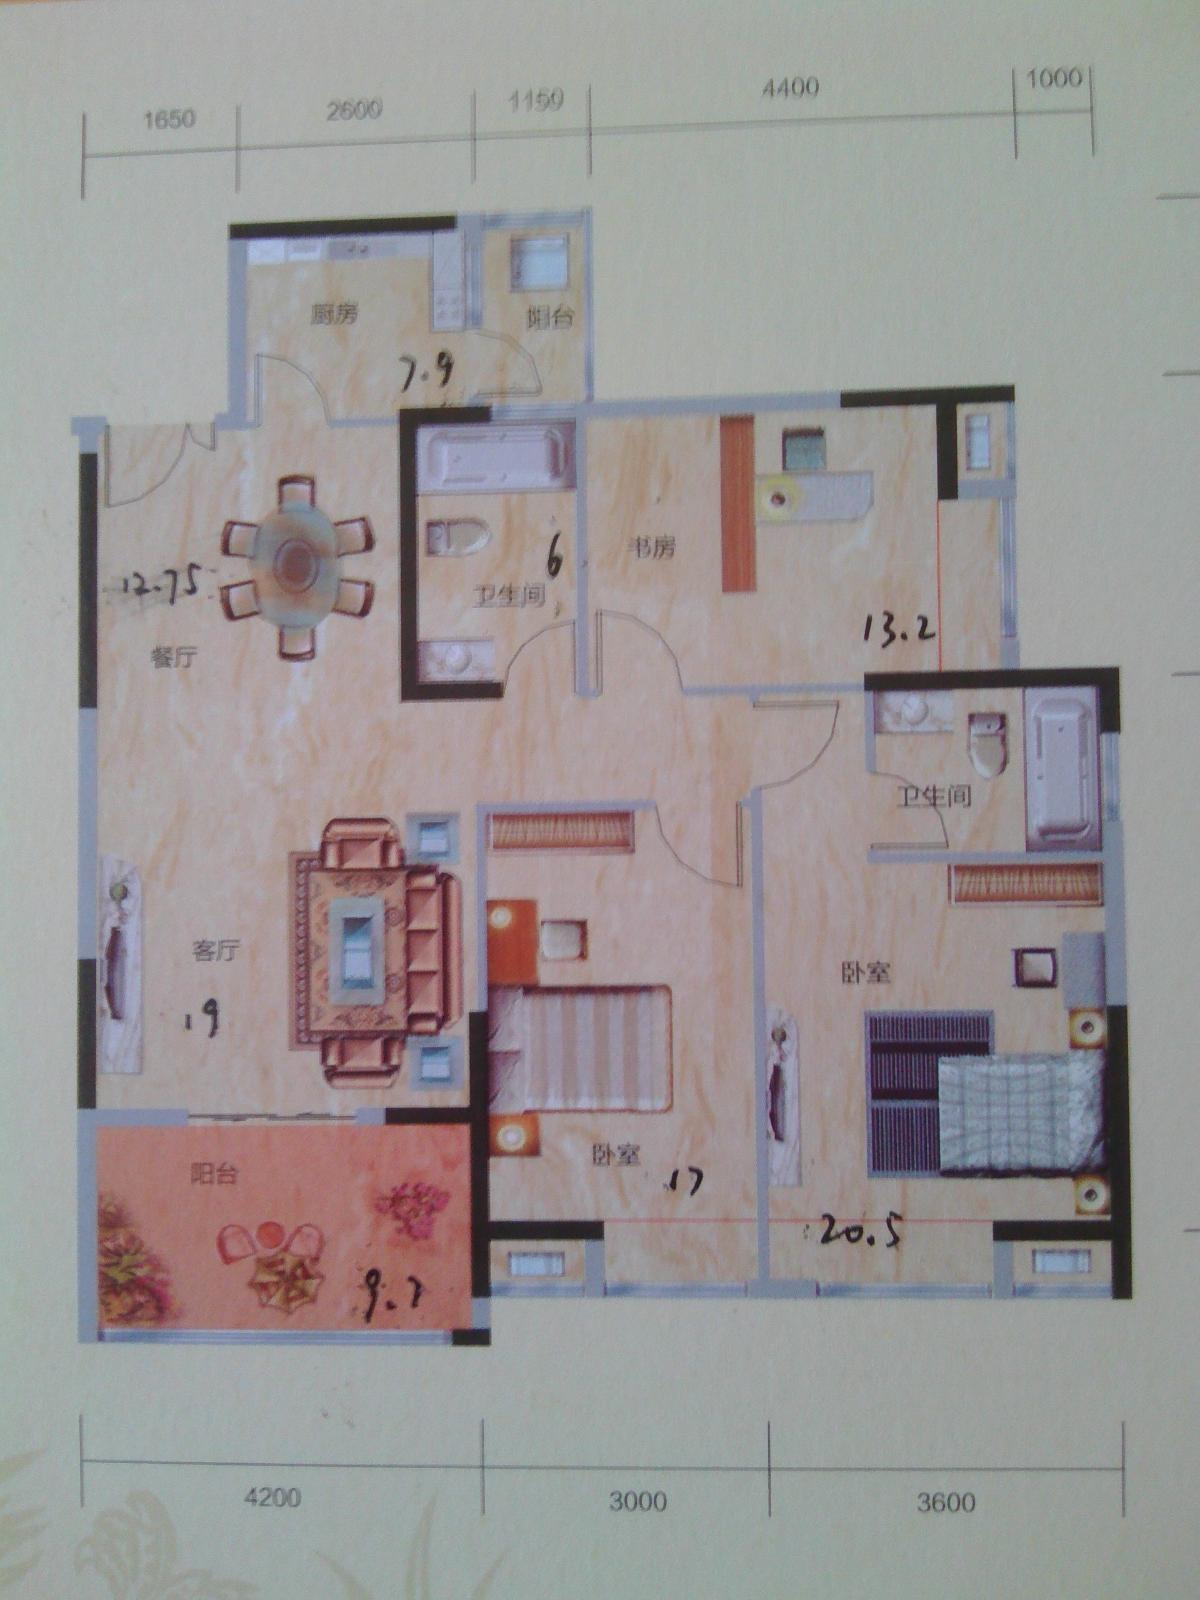 这是我房子的平面图高清图片